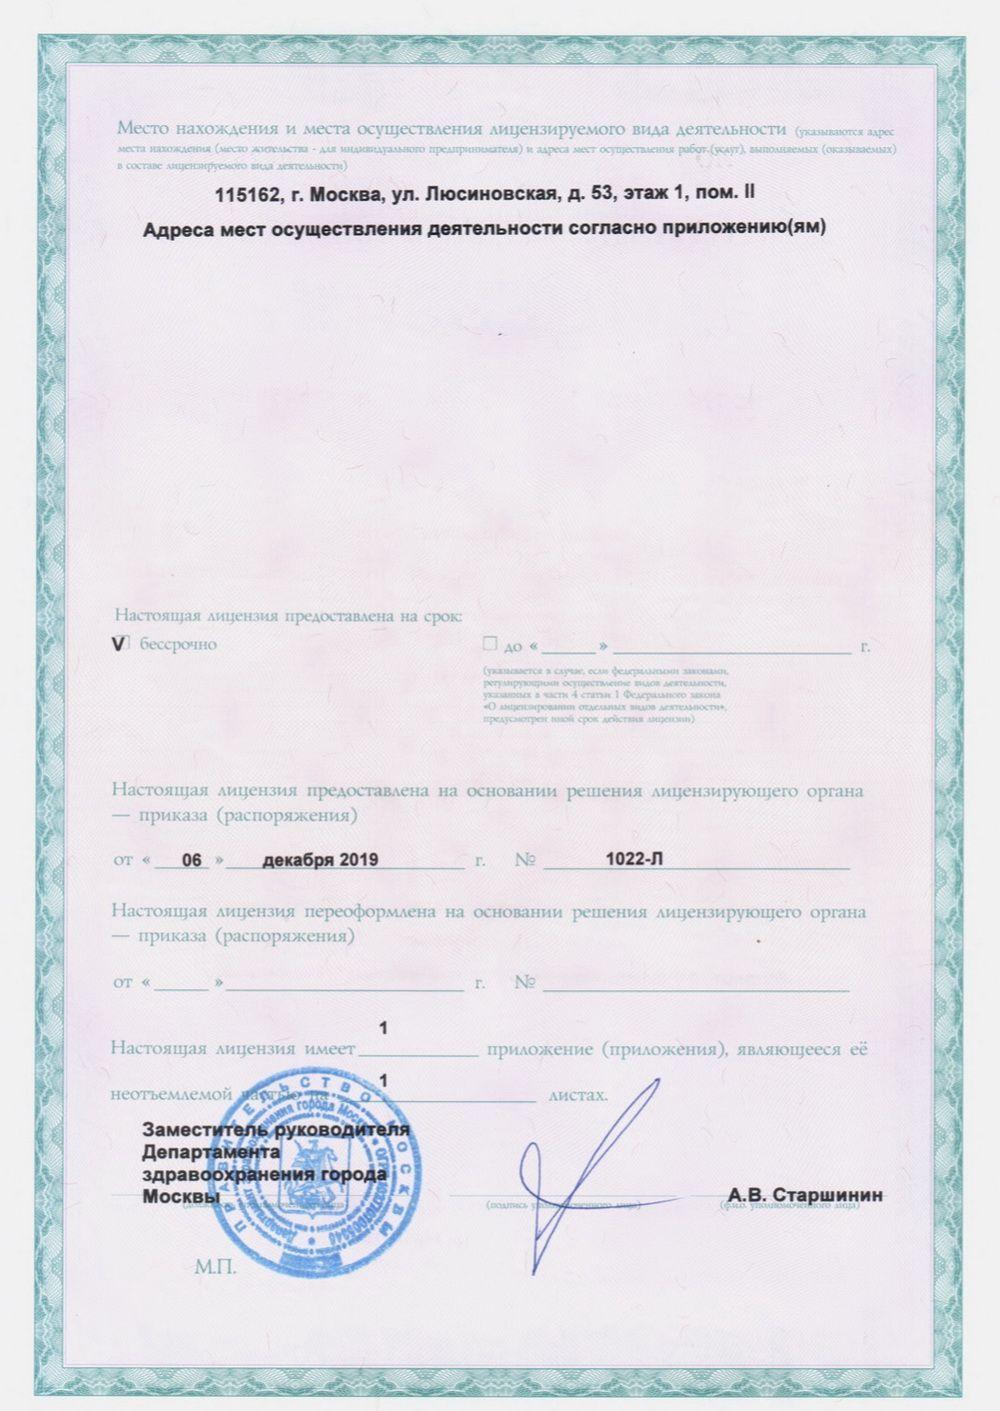 Лицензия клиника Dr.Akner